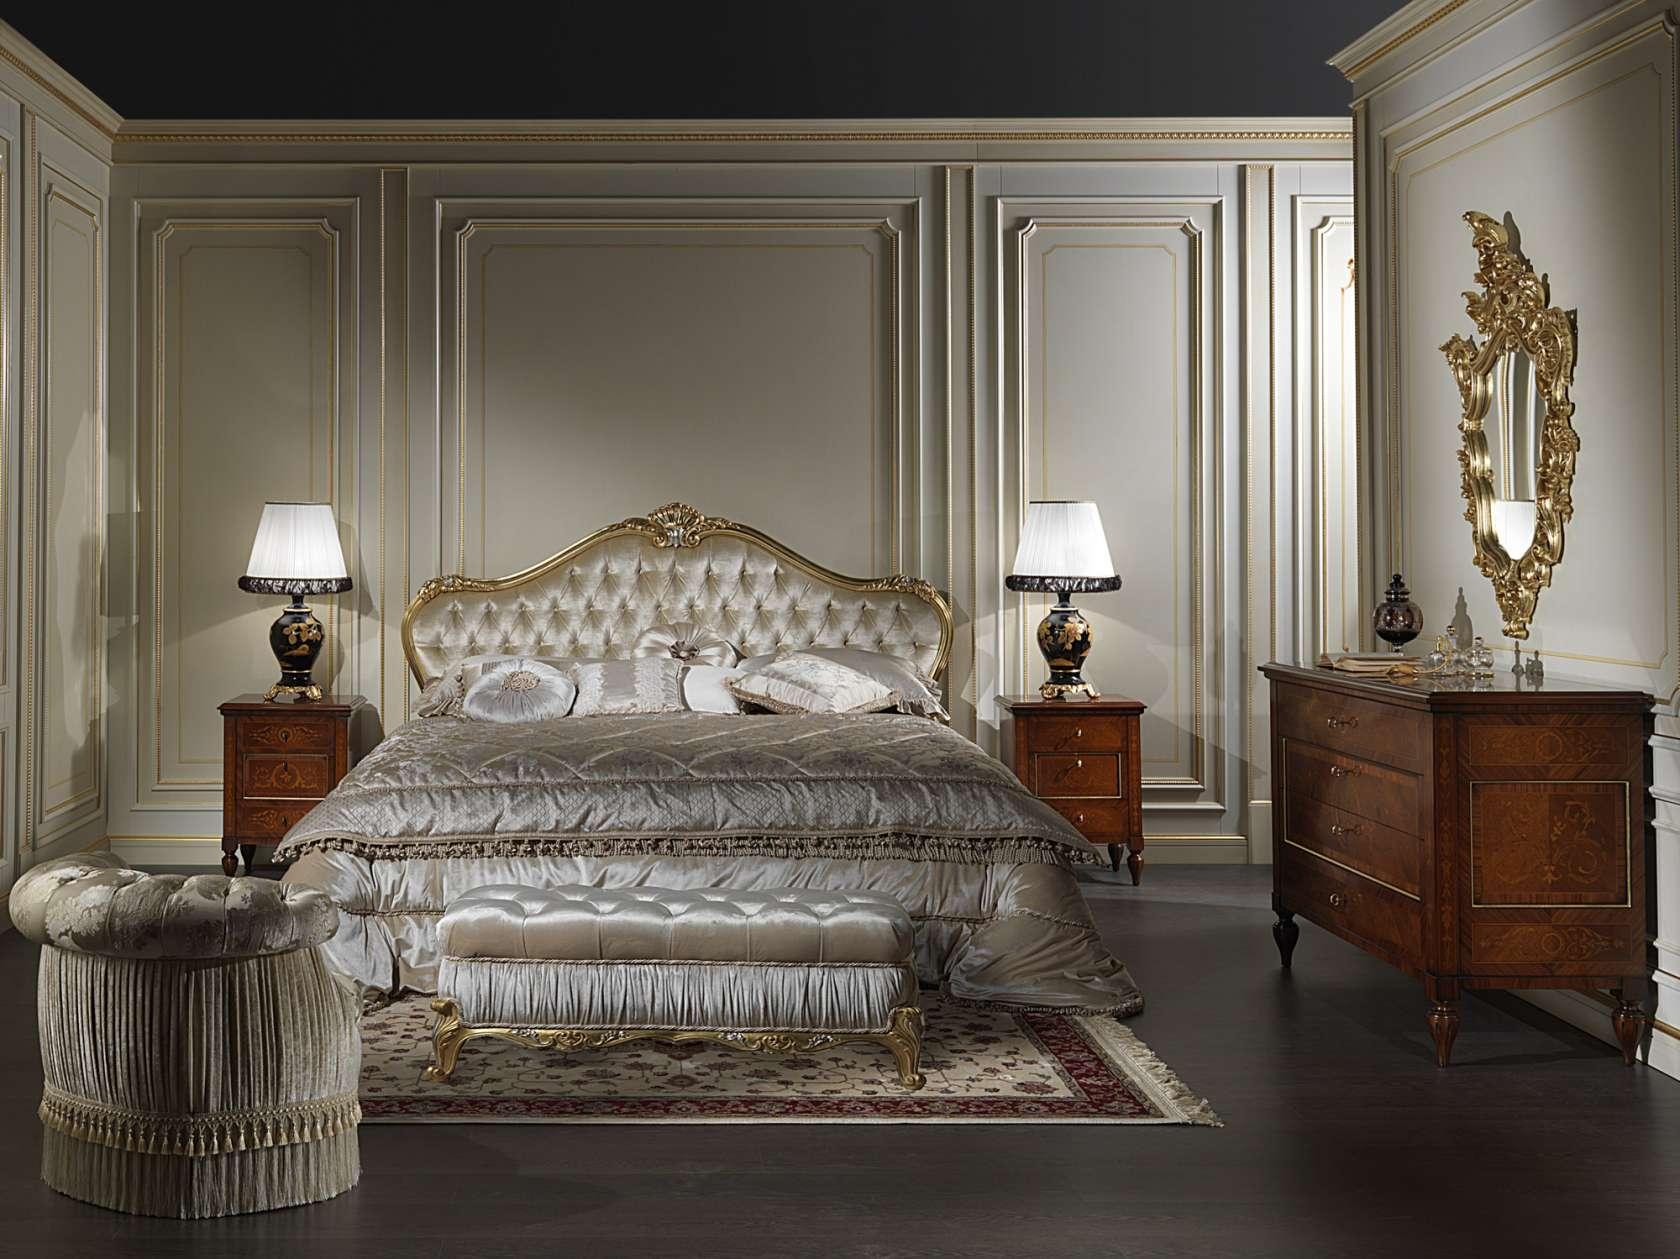 Camera matrimoniale classica stile maggiolini 925 ...